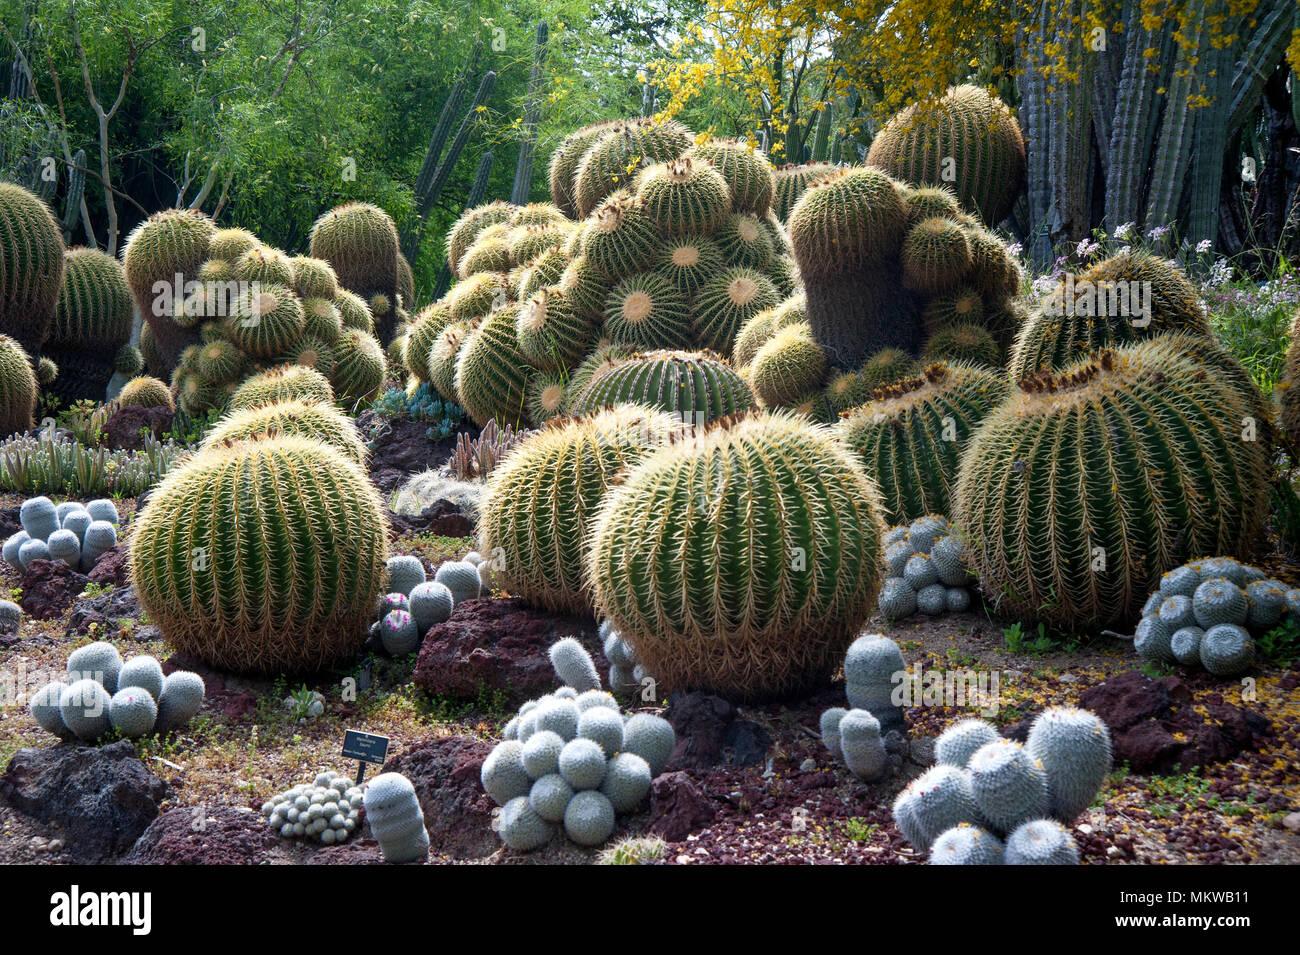 Cactus Garden Display Of Barrel Cactus At The Huntington Gardens